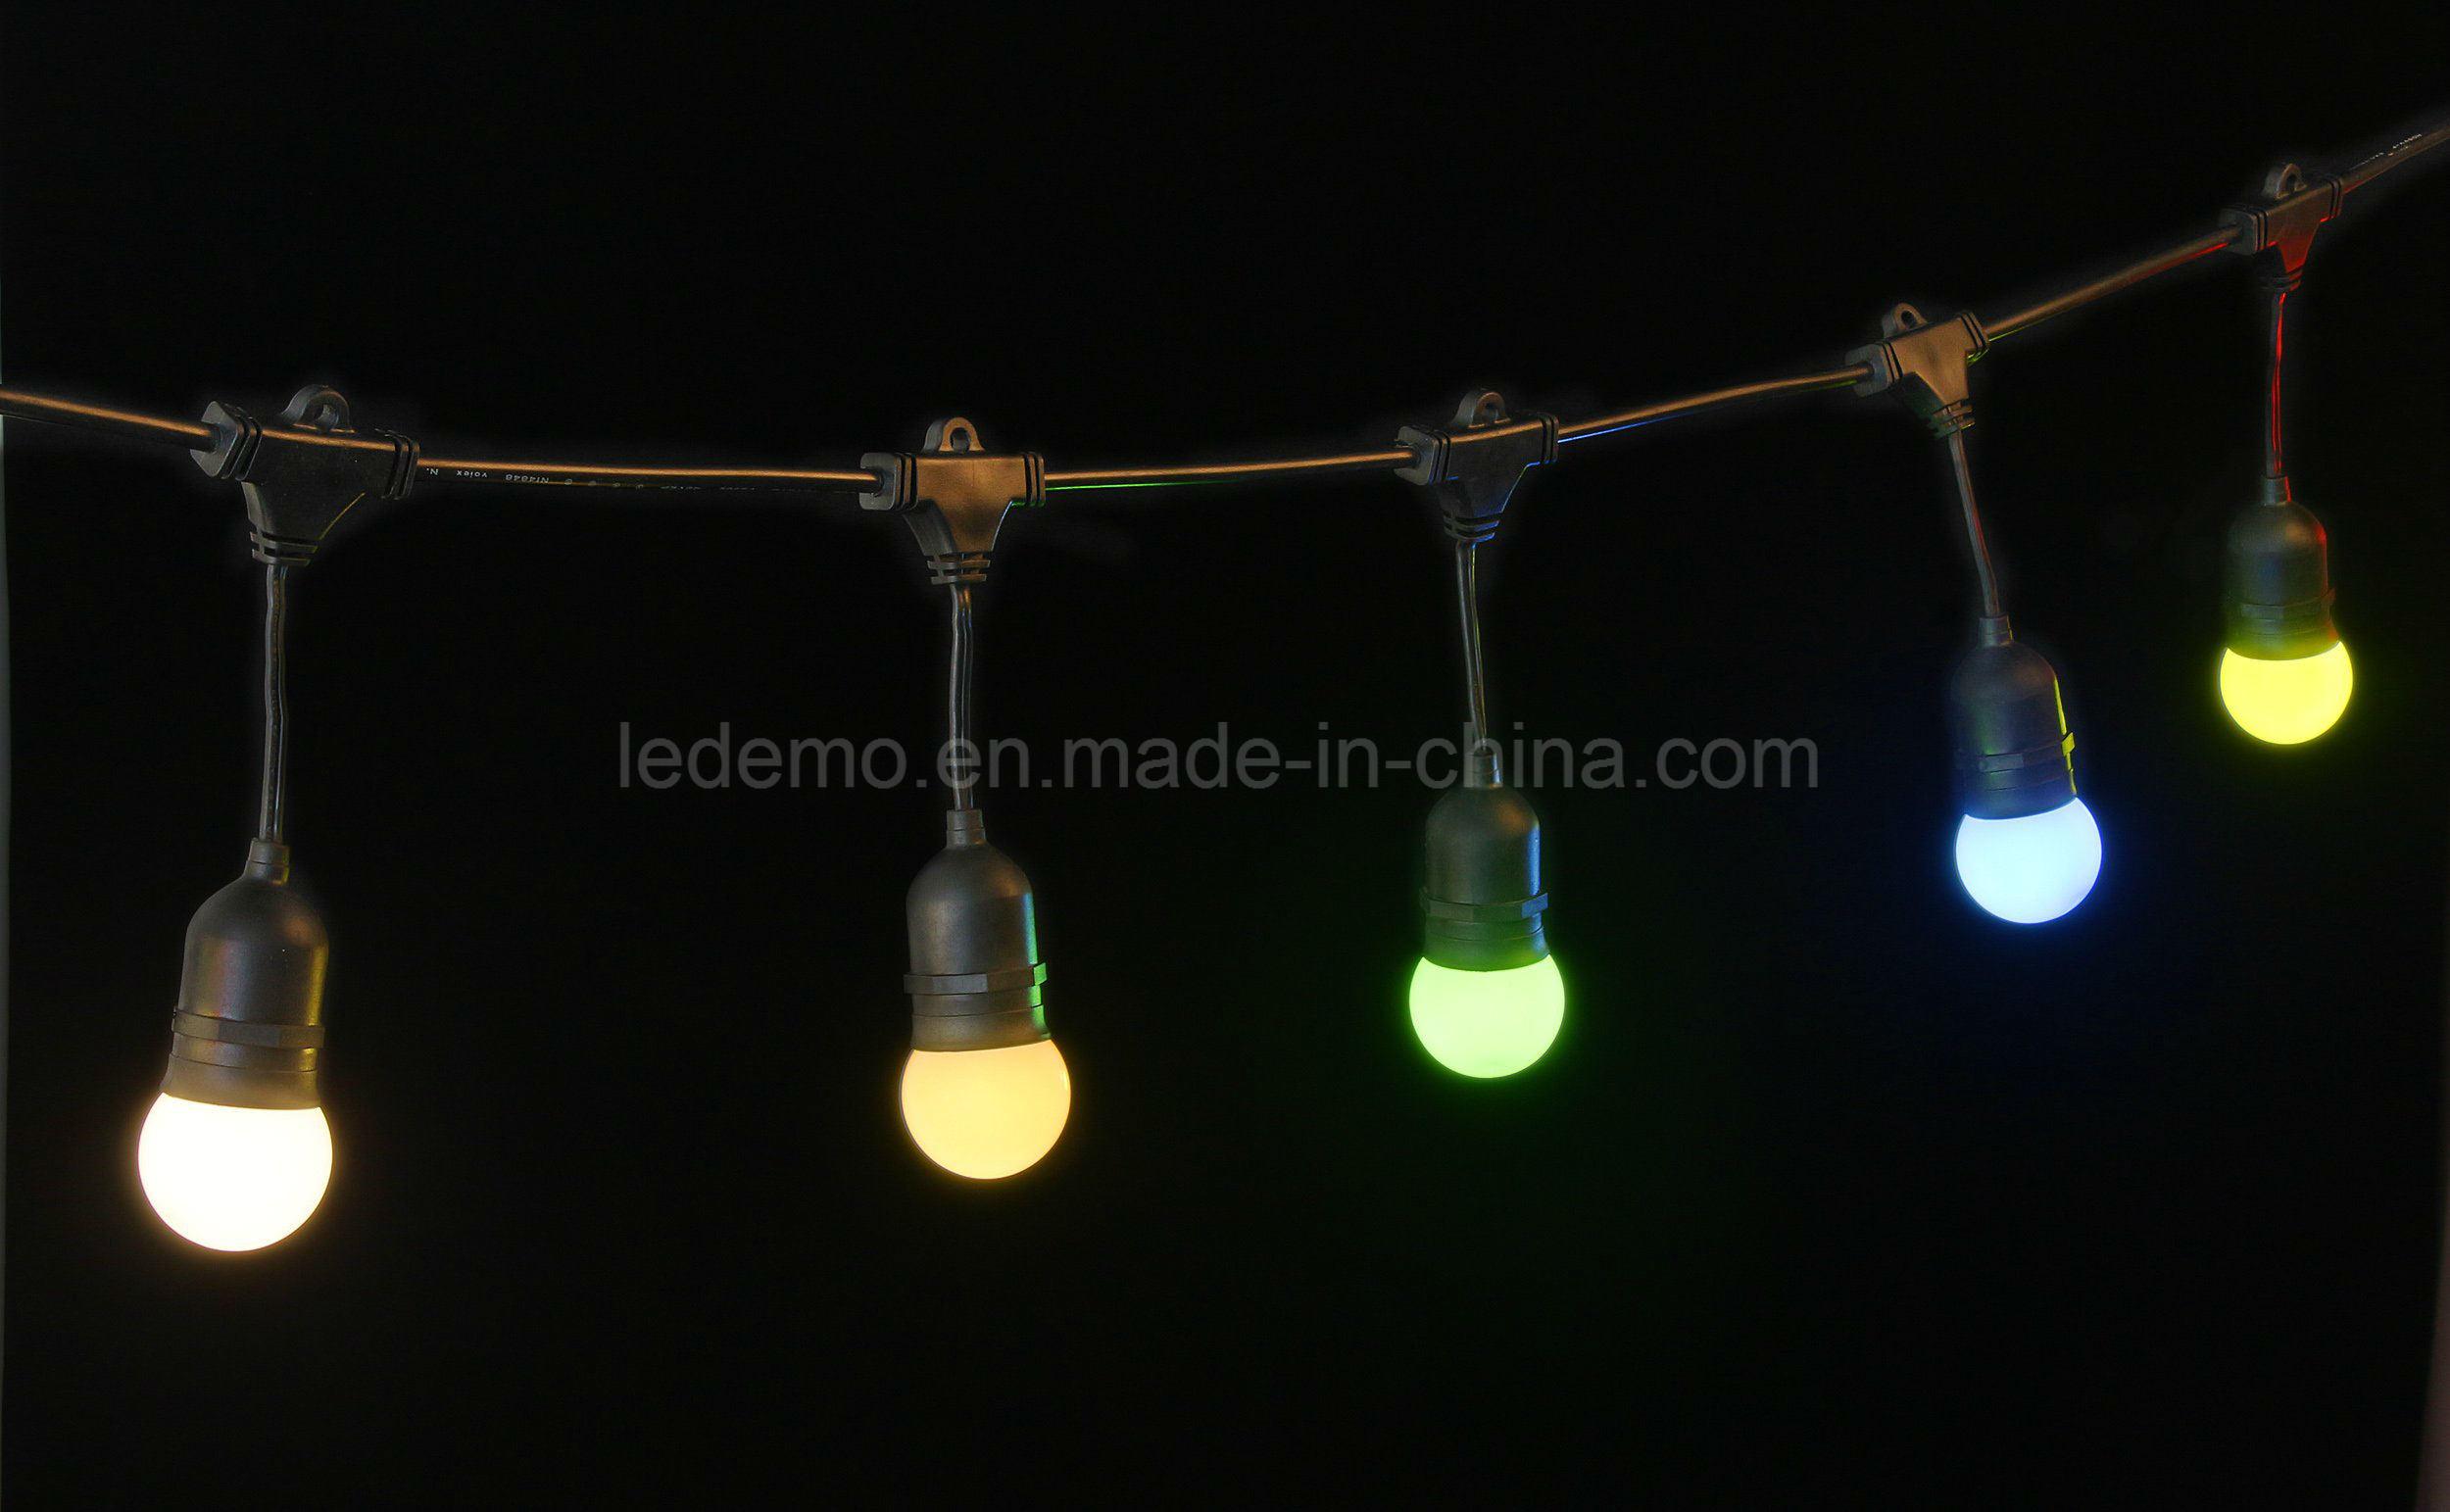 LED 10m Cable Christmas E27 Belt Light